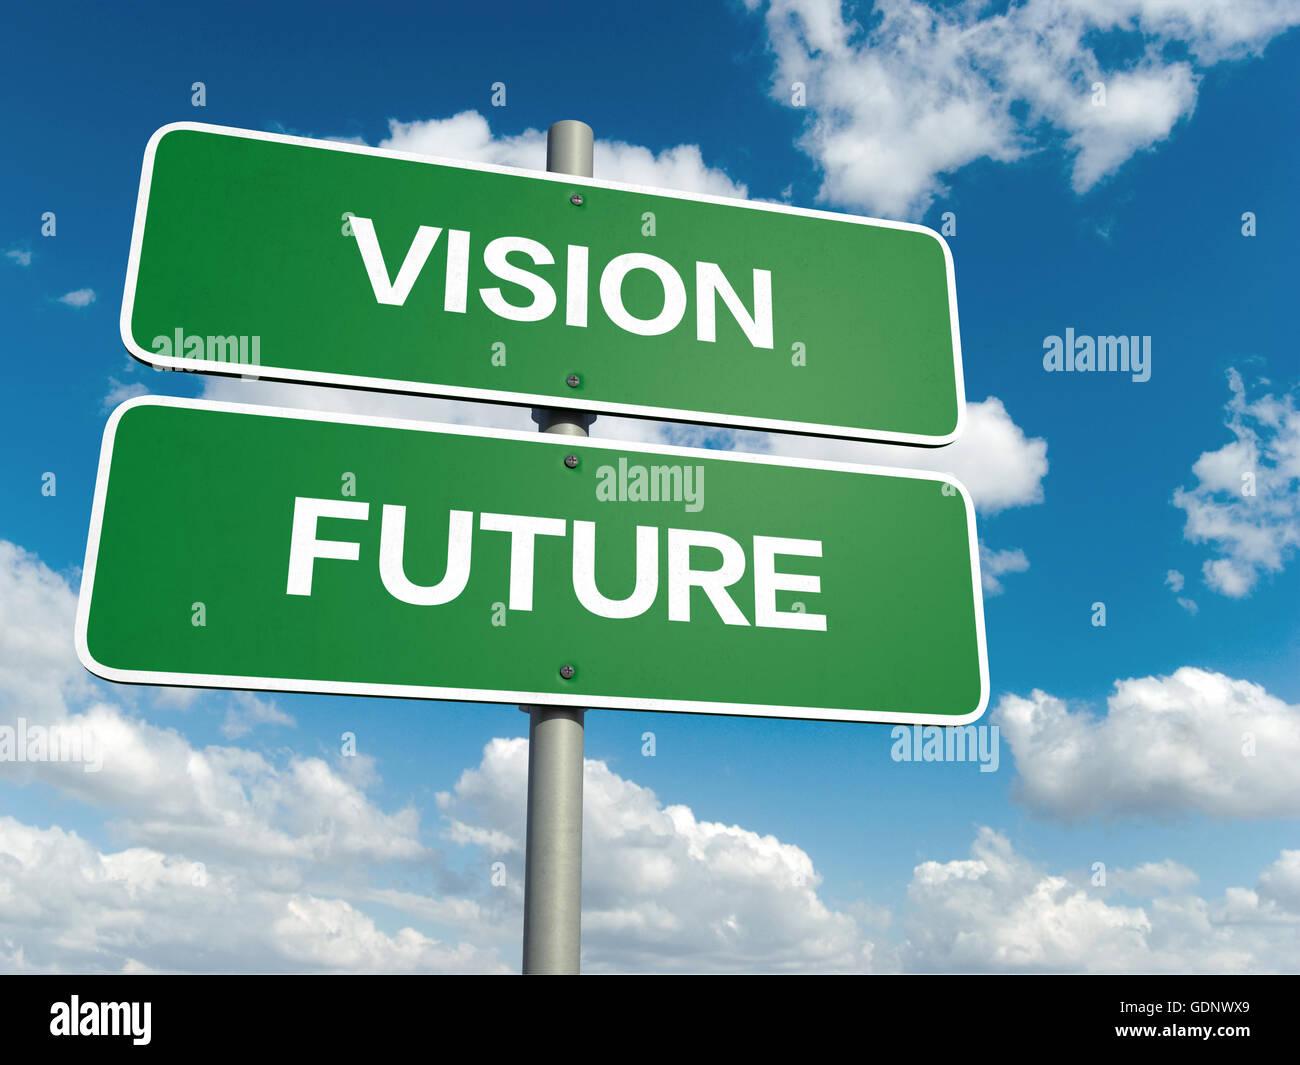 Ein Straßenschild mit Vision Zukunft Worten am Himmelshintergrund Stockbild